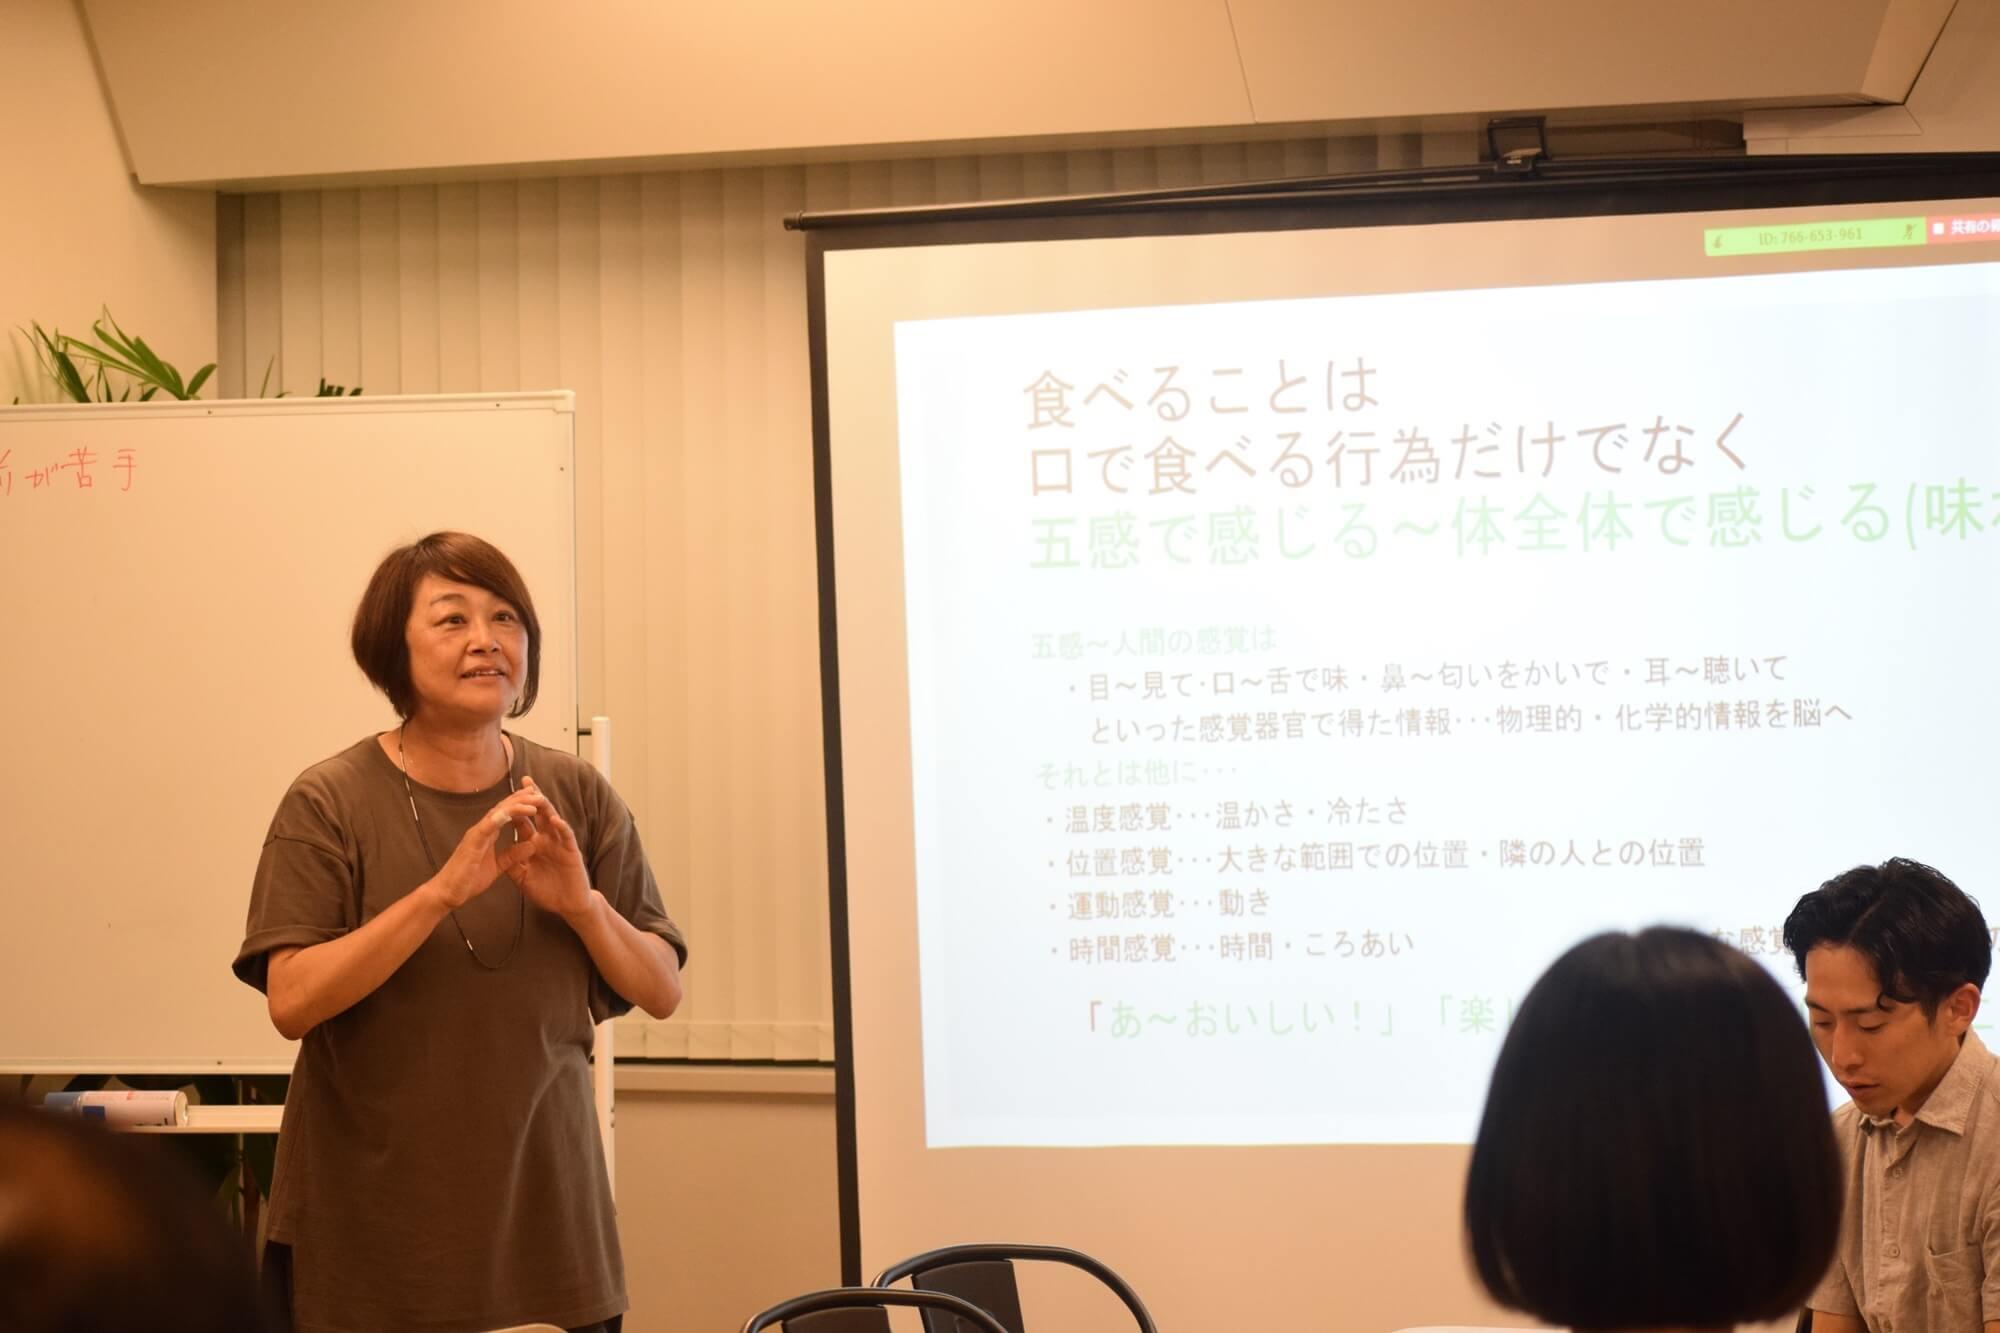 子ども発達支援センター浦和美園の古川施設長